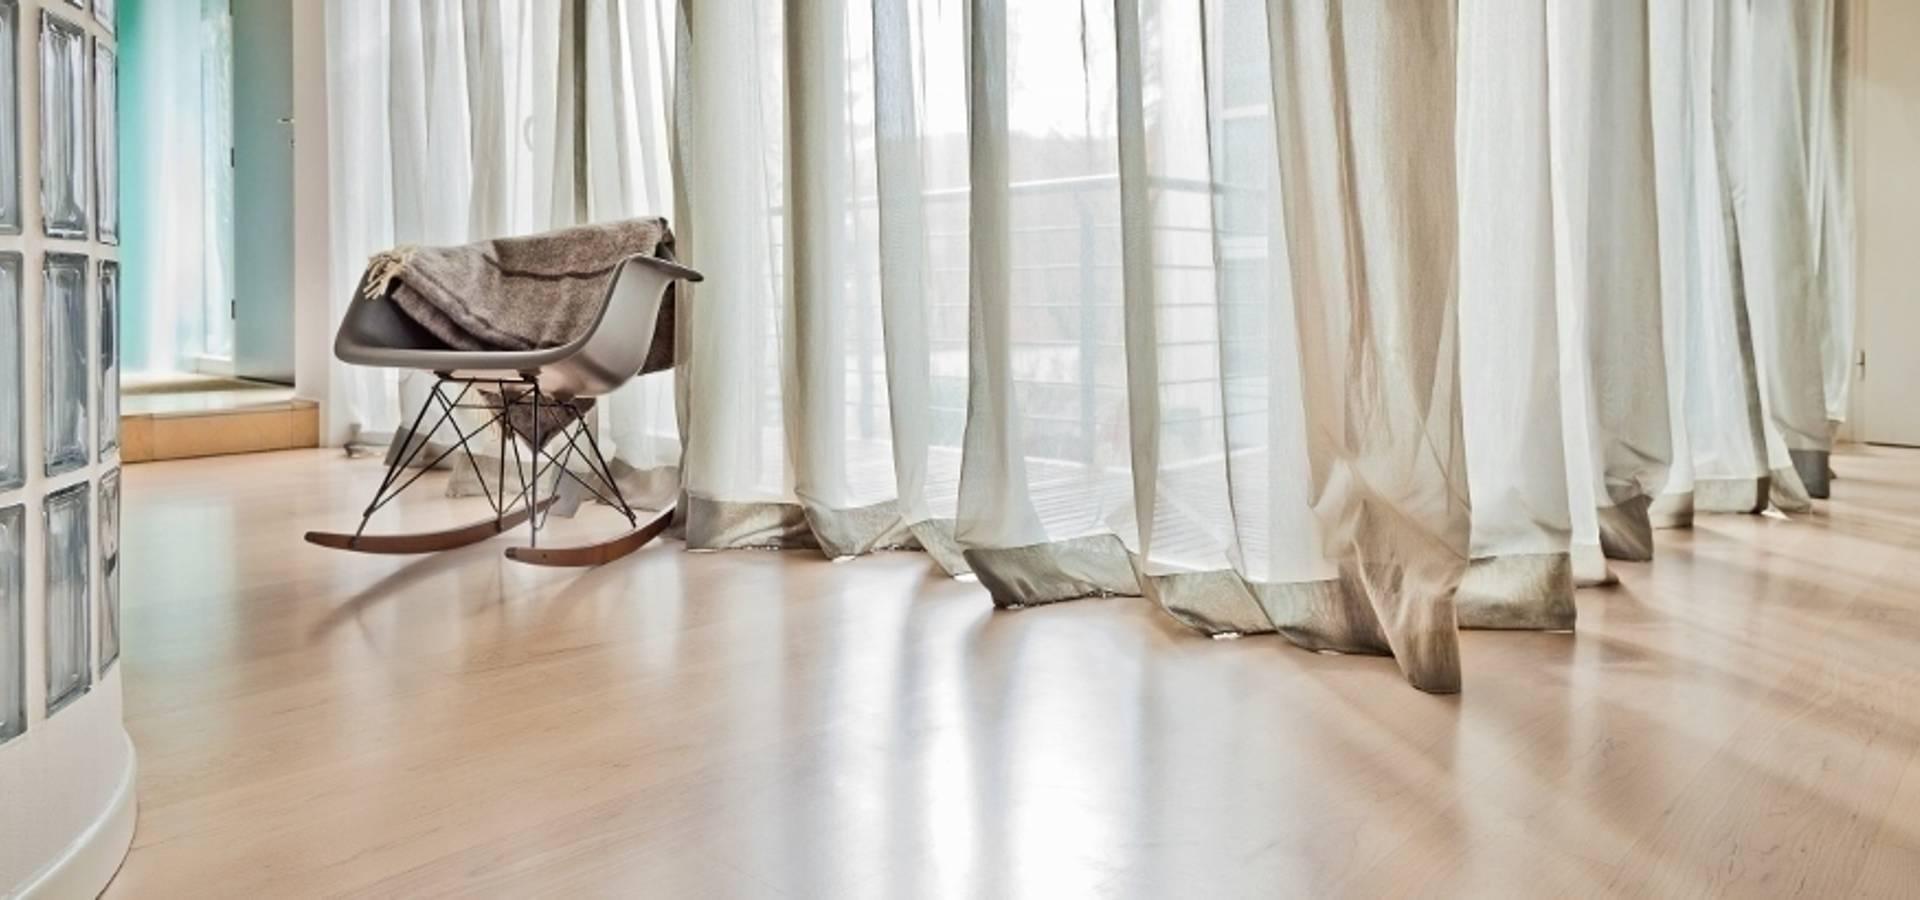 flohs wohnraumkonzepte innenarchitekten in frechen homify. Black Bedroom Furniture Sets. Home Design Ideas